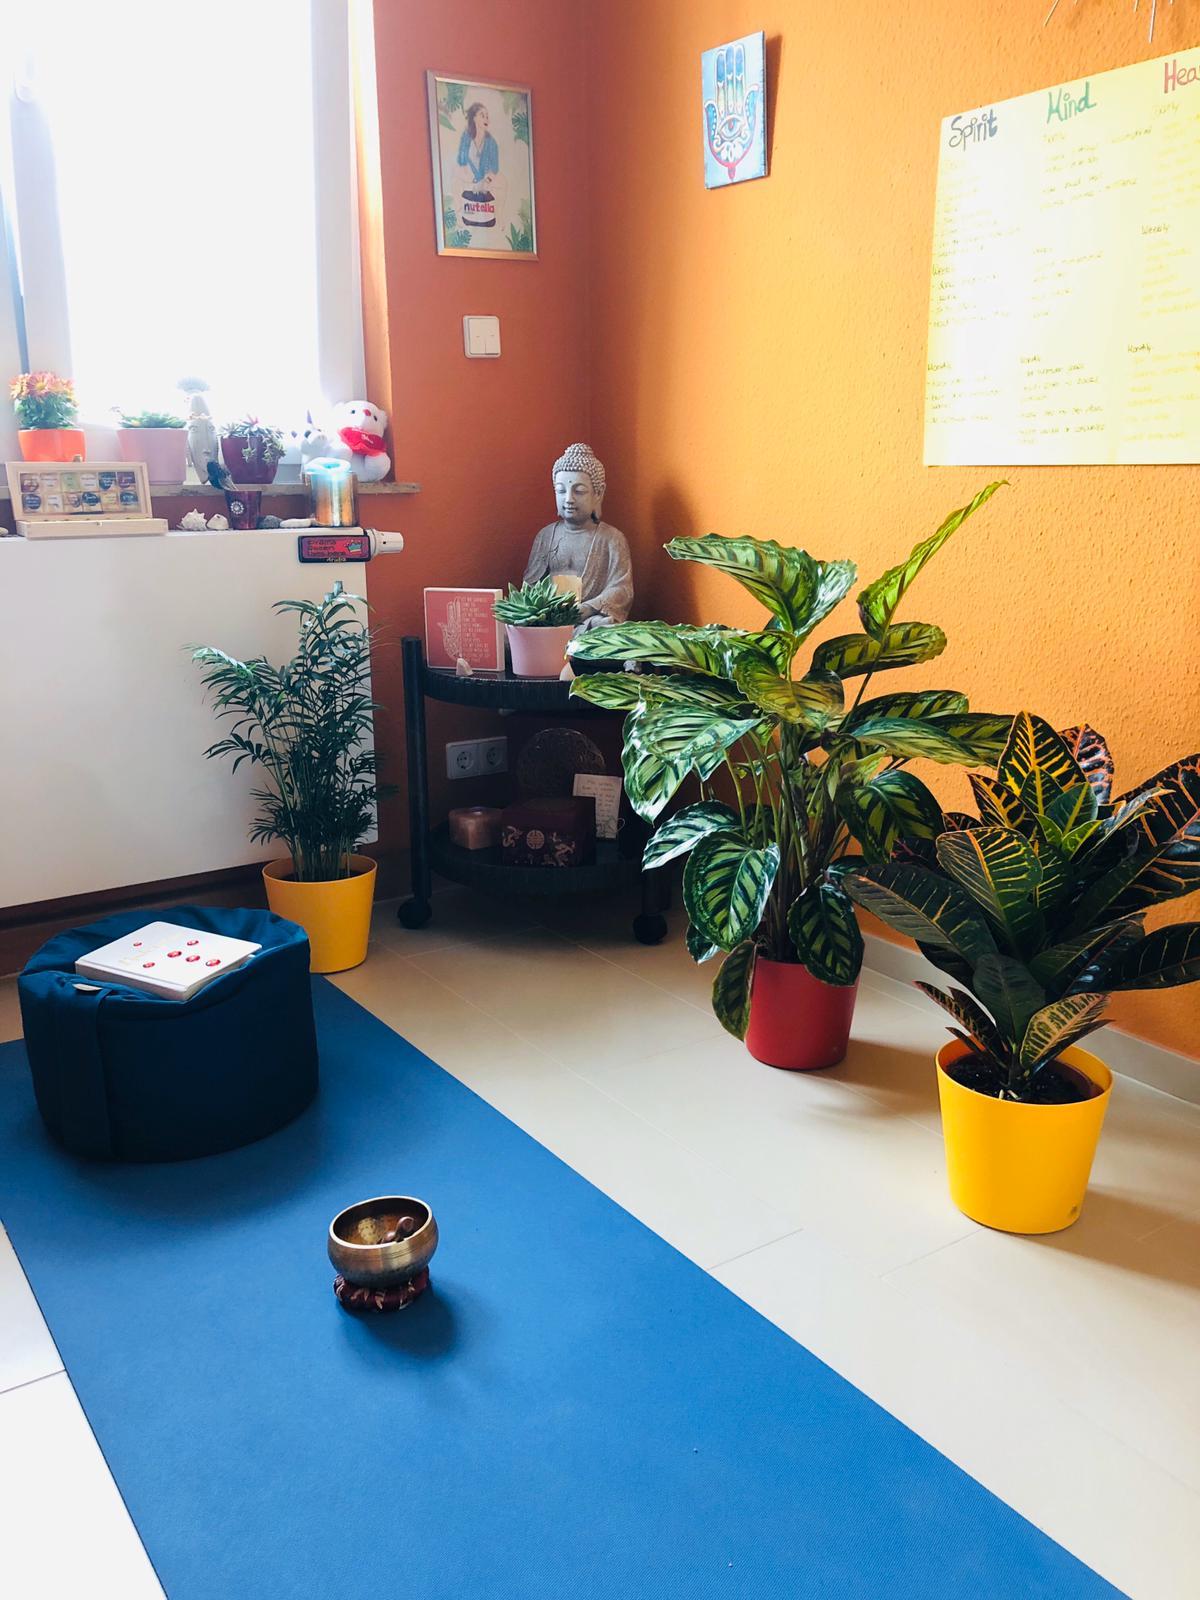 Yoga Meditation Room - auf desmondo.de findest du viee weitere Wohnideen